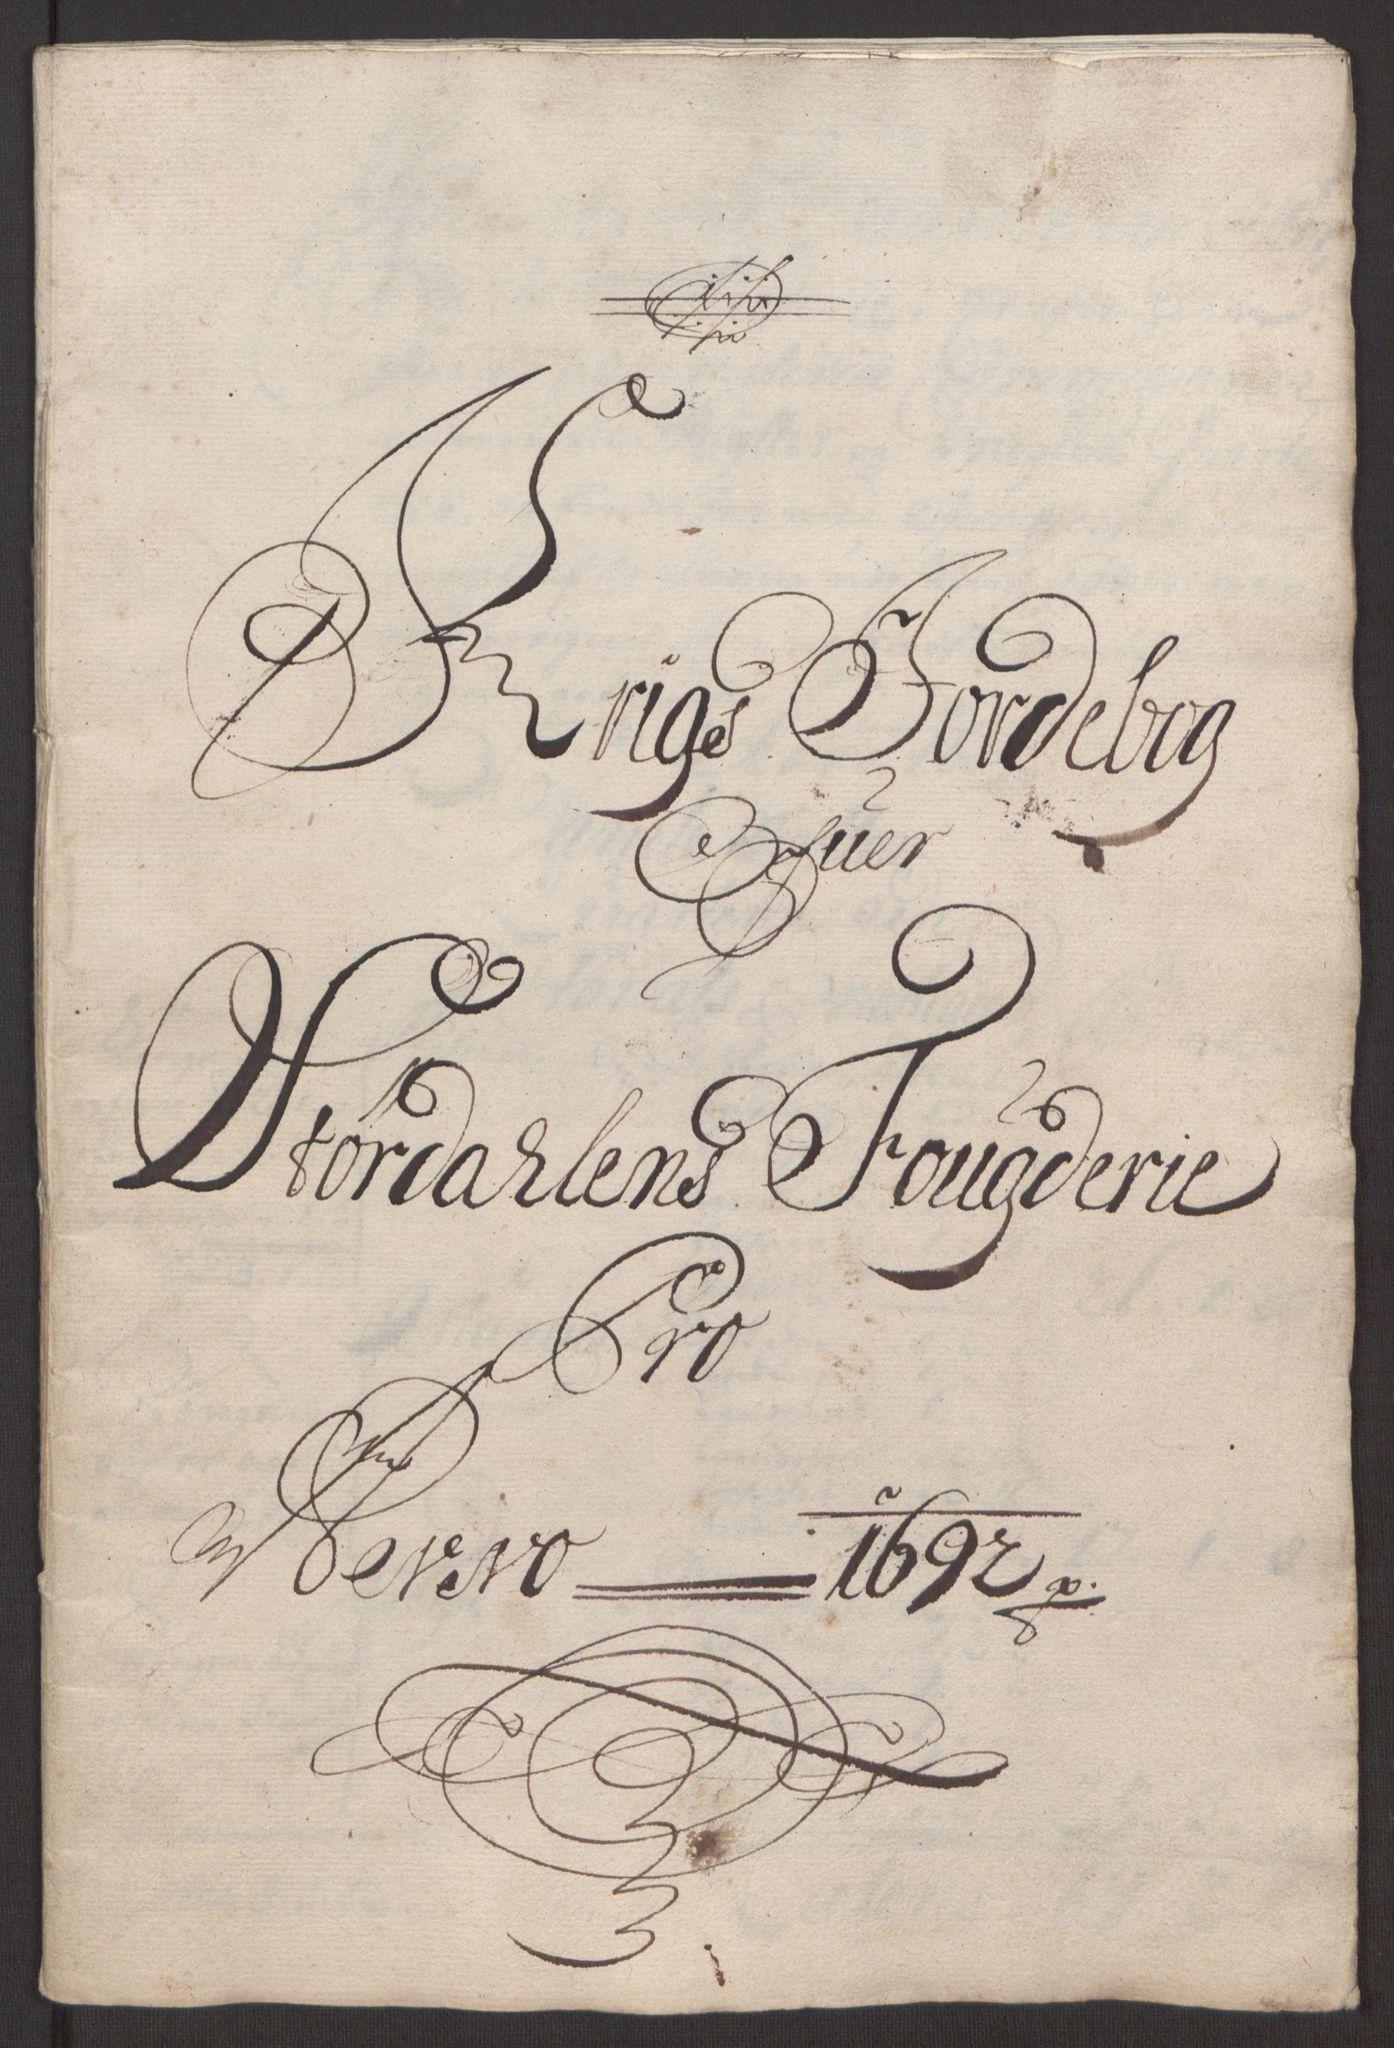 RA, Rentekammeret inntil 1814, Reviderte regnskaper, Fogderegnskap, R62/L4185: Fogderegnskap Stjørdal og Verdal, 1692, s. 305